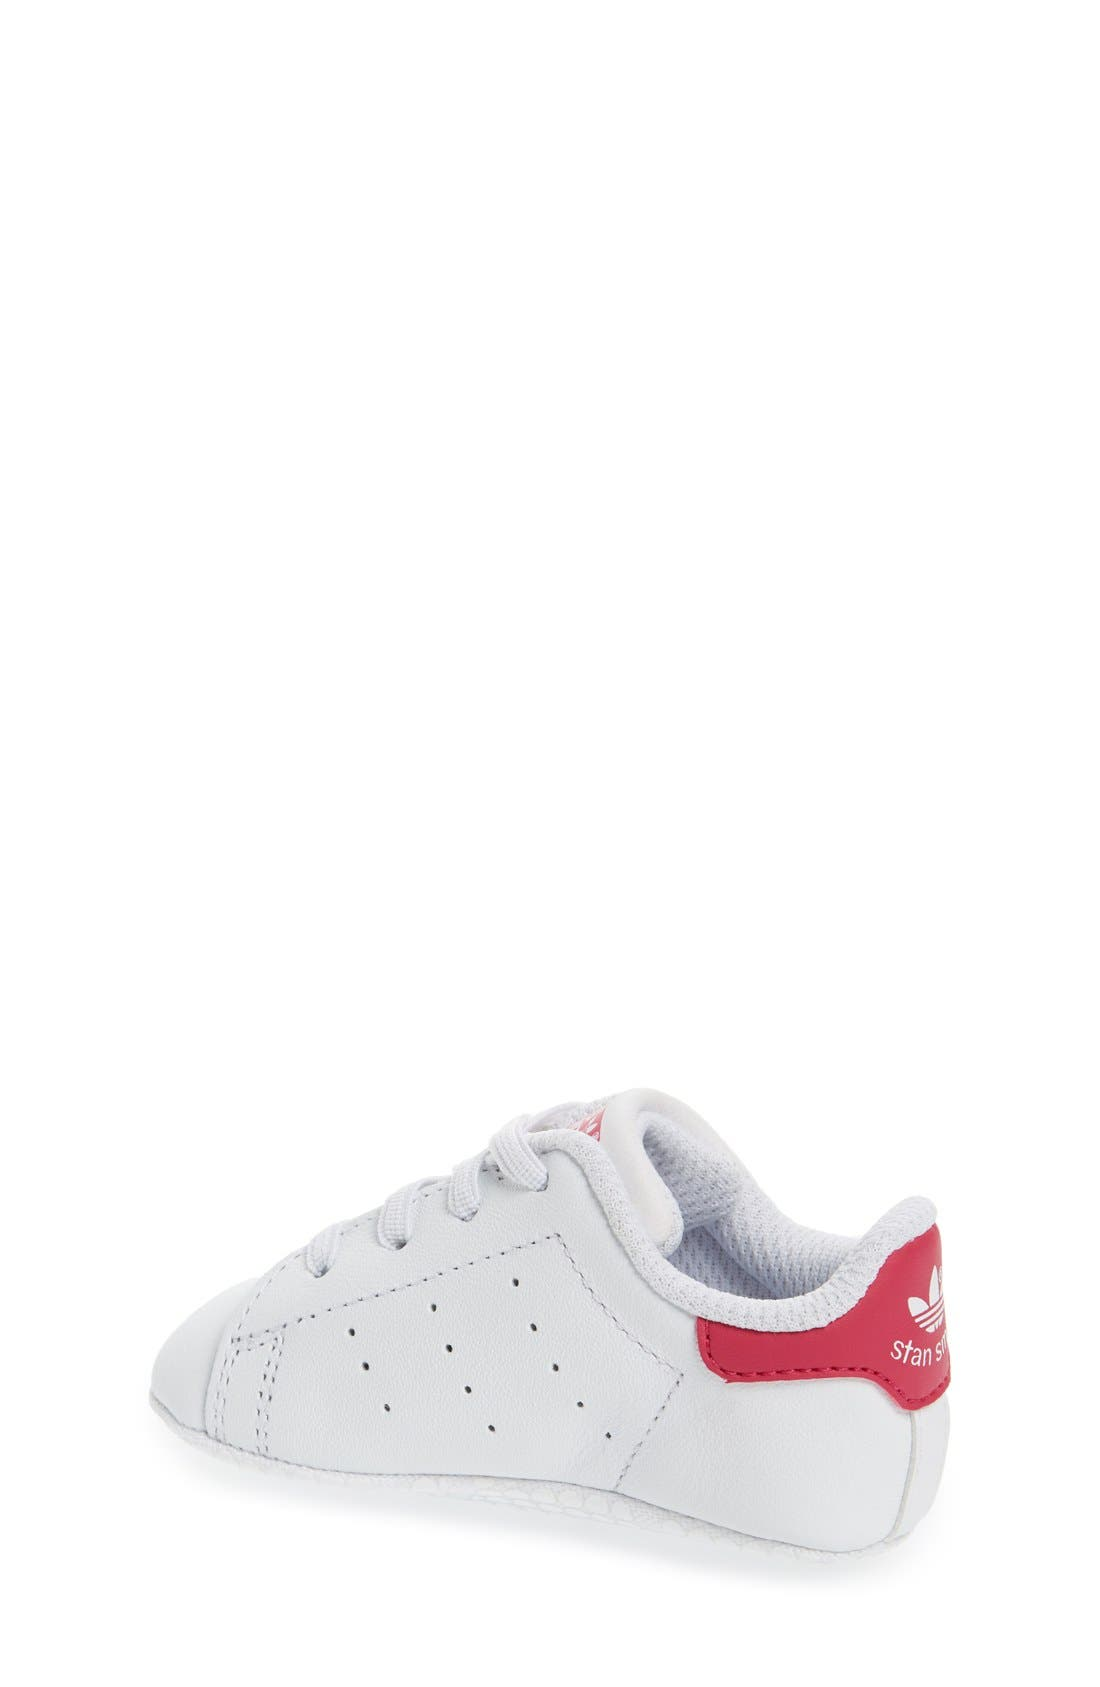 'Stan Smith' Crib Sneaker,                             Alternate thumbnail 2, color,                             White/ White/ Pink